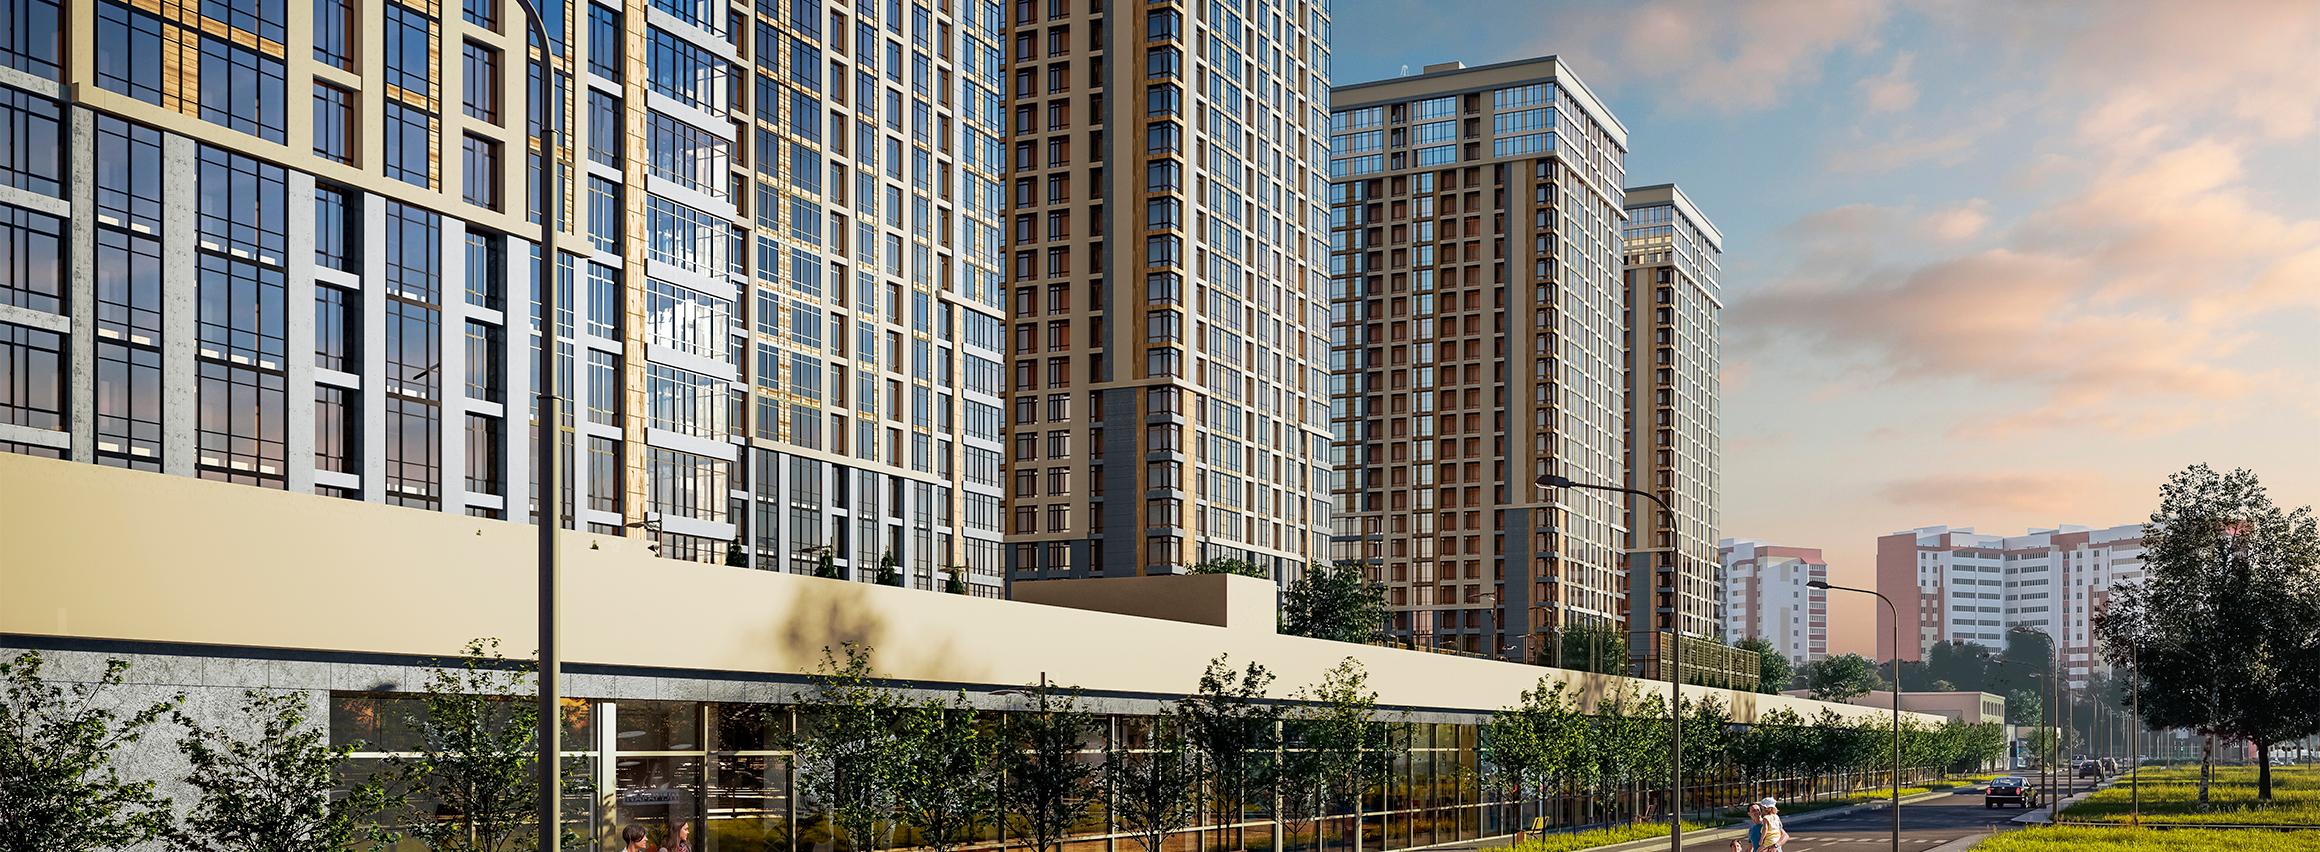 Підвищення цін для інвесторів в житлових комплексах від компанії BudCapital